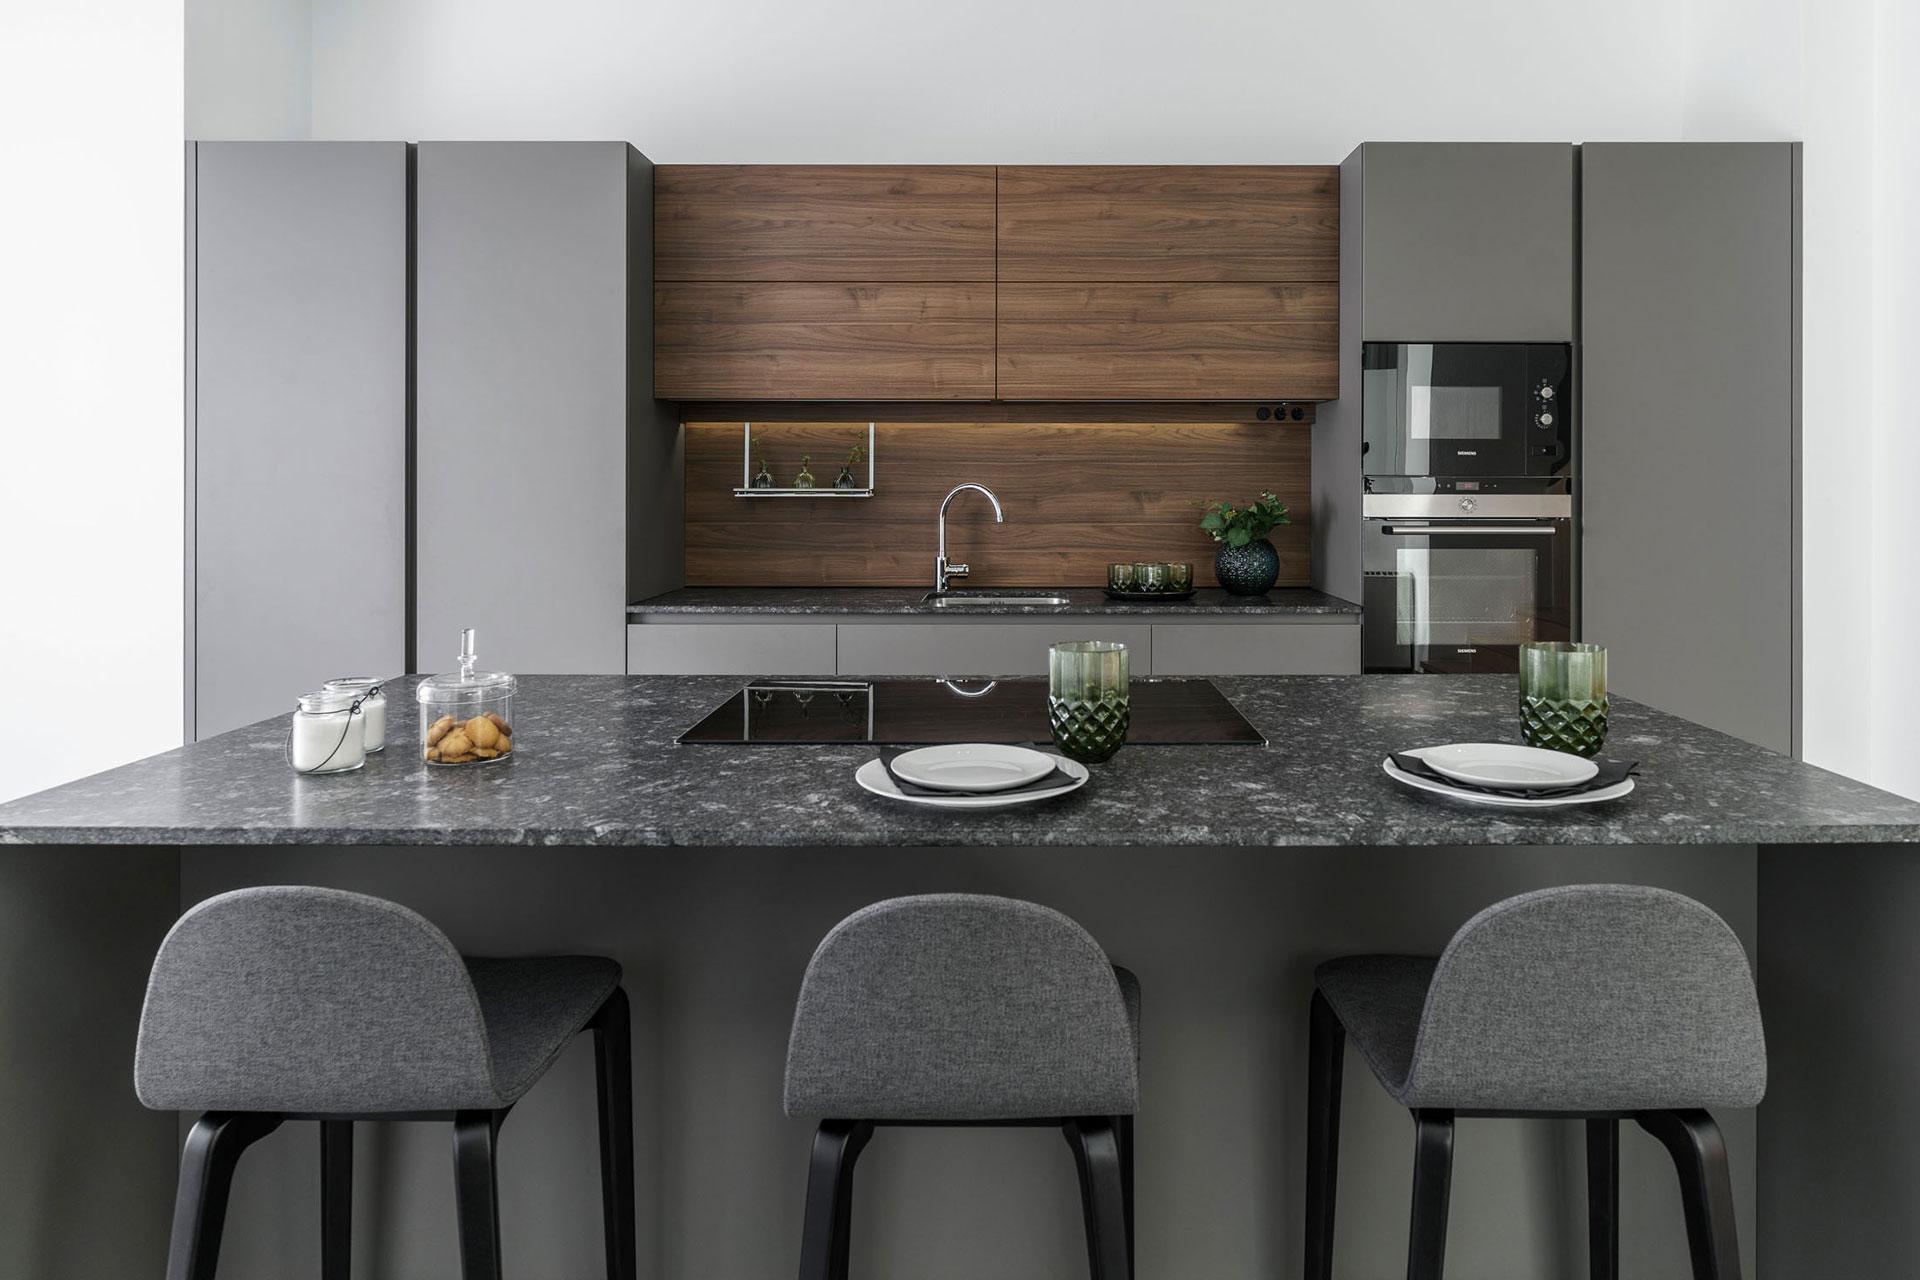 Nueva exposici n de cocinas santos en santiago interiores - Muebles de cocina de exposicion ...